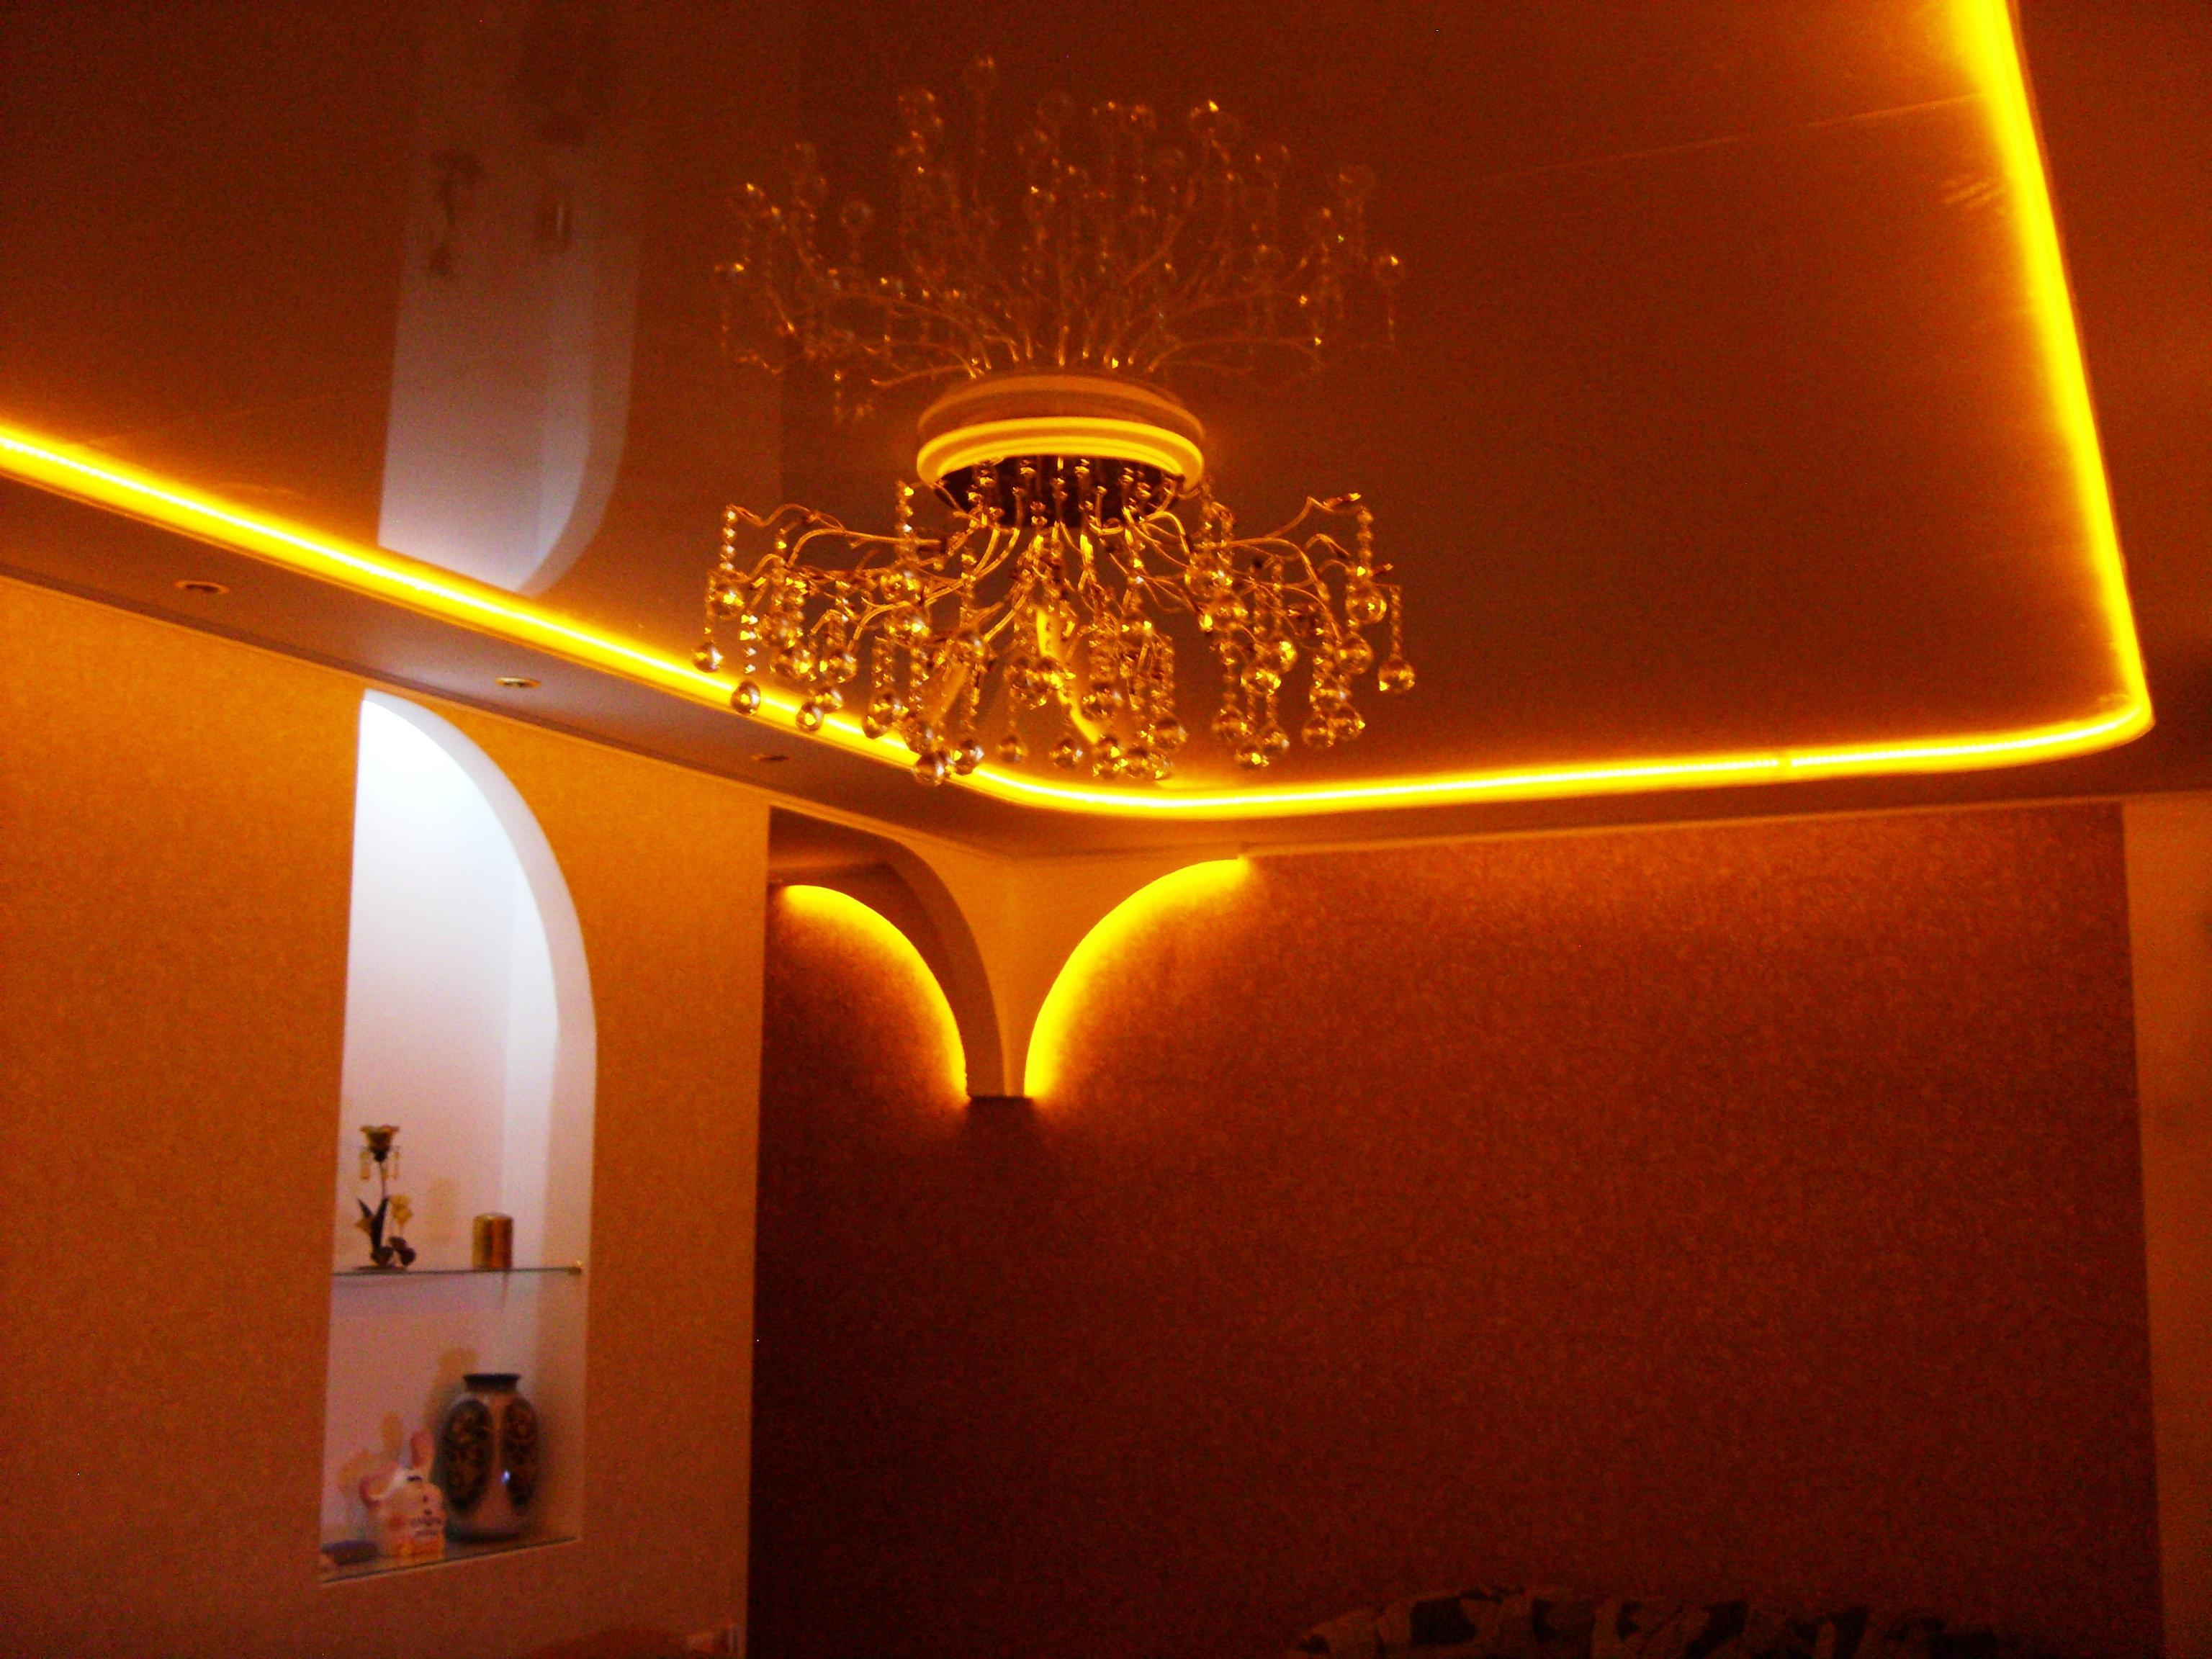 Светодиодная лента отражается в глянцевом потолке что делать